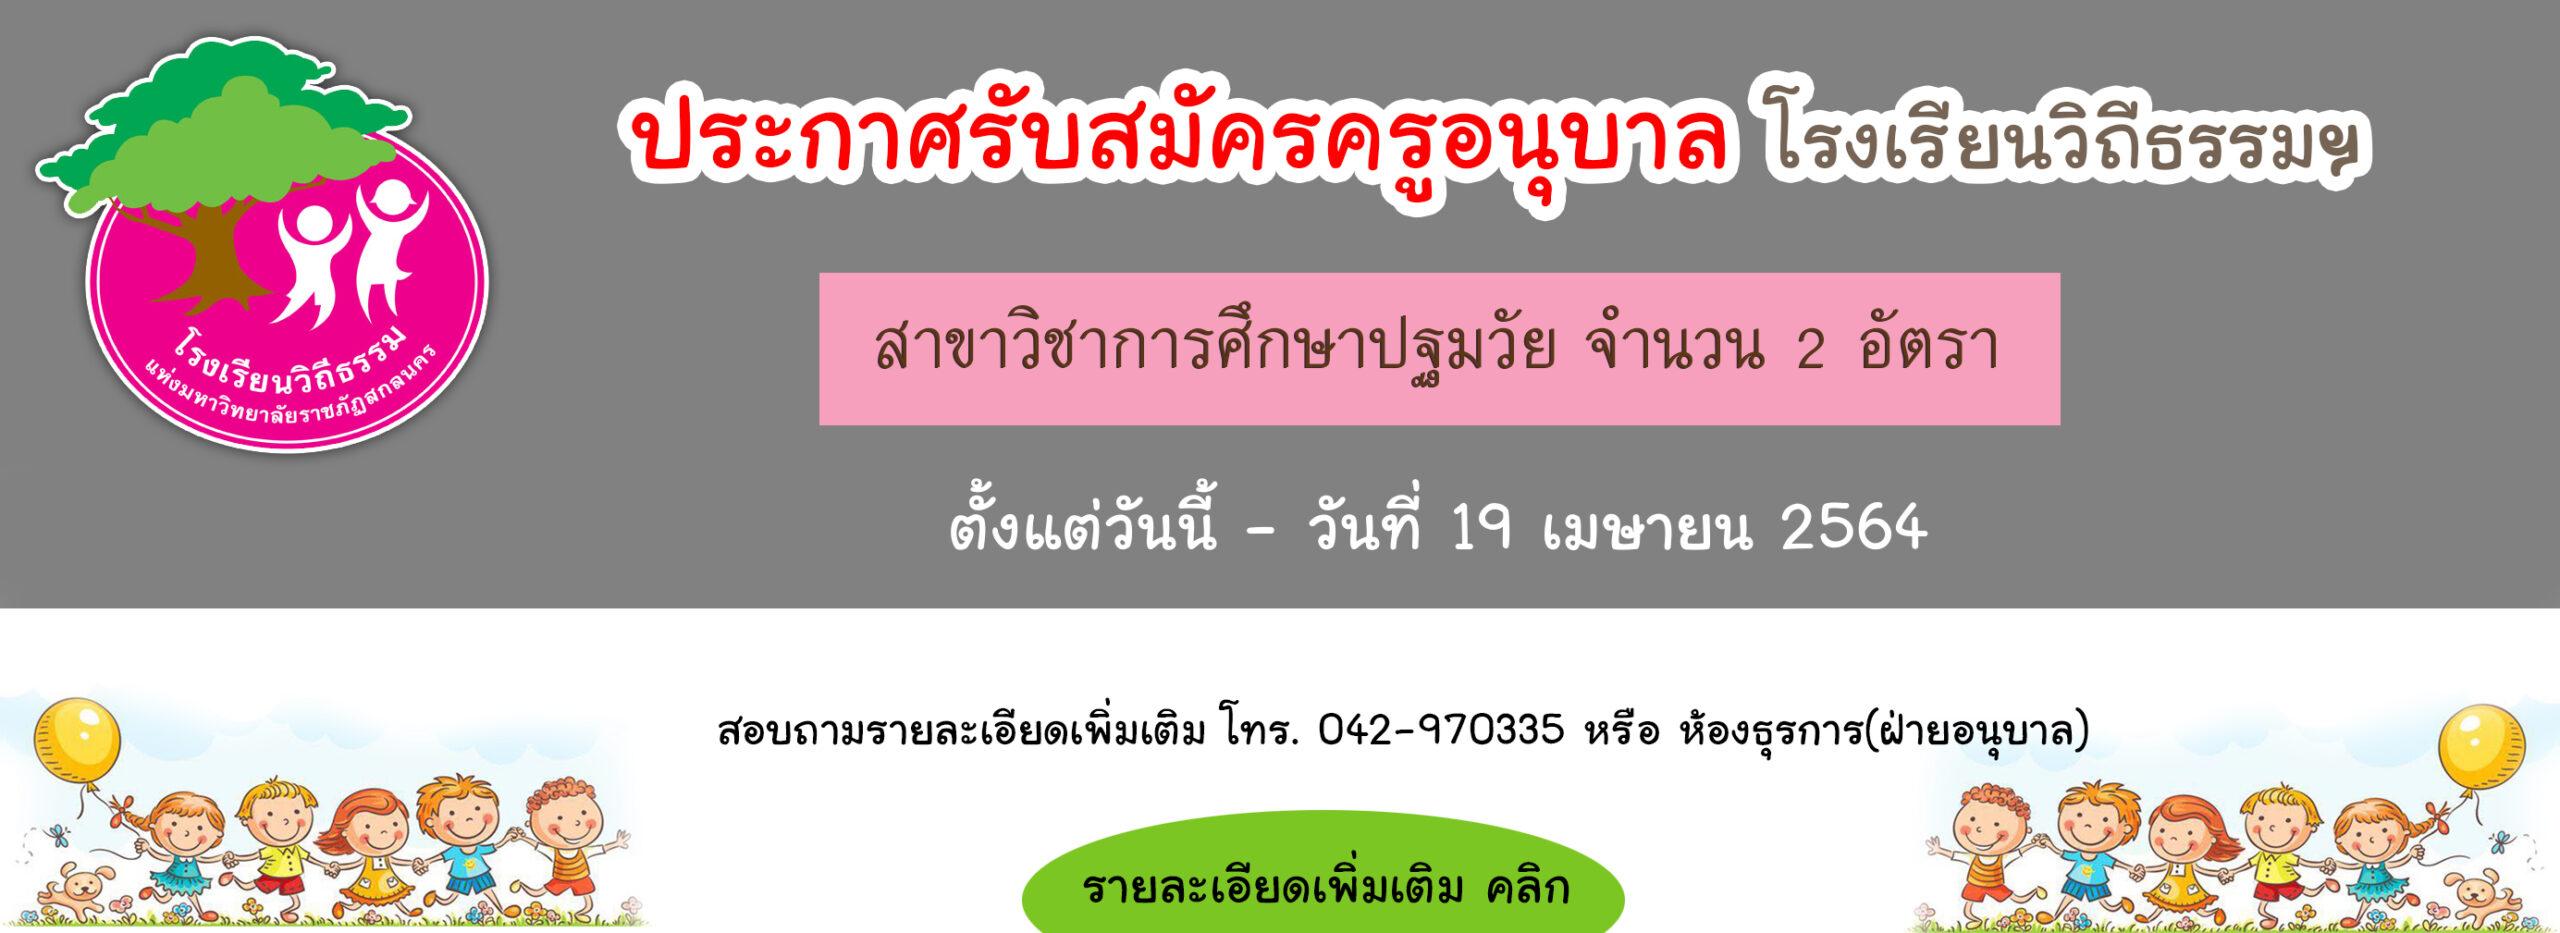 ประกาศรับสมัครครูอนุบาล ปีการศึกษา 2564